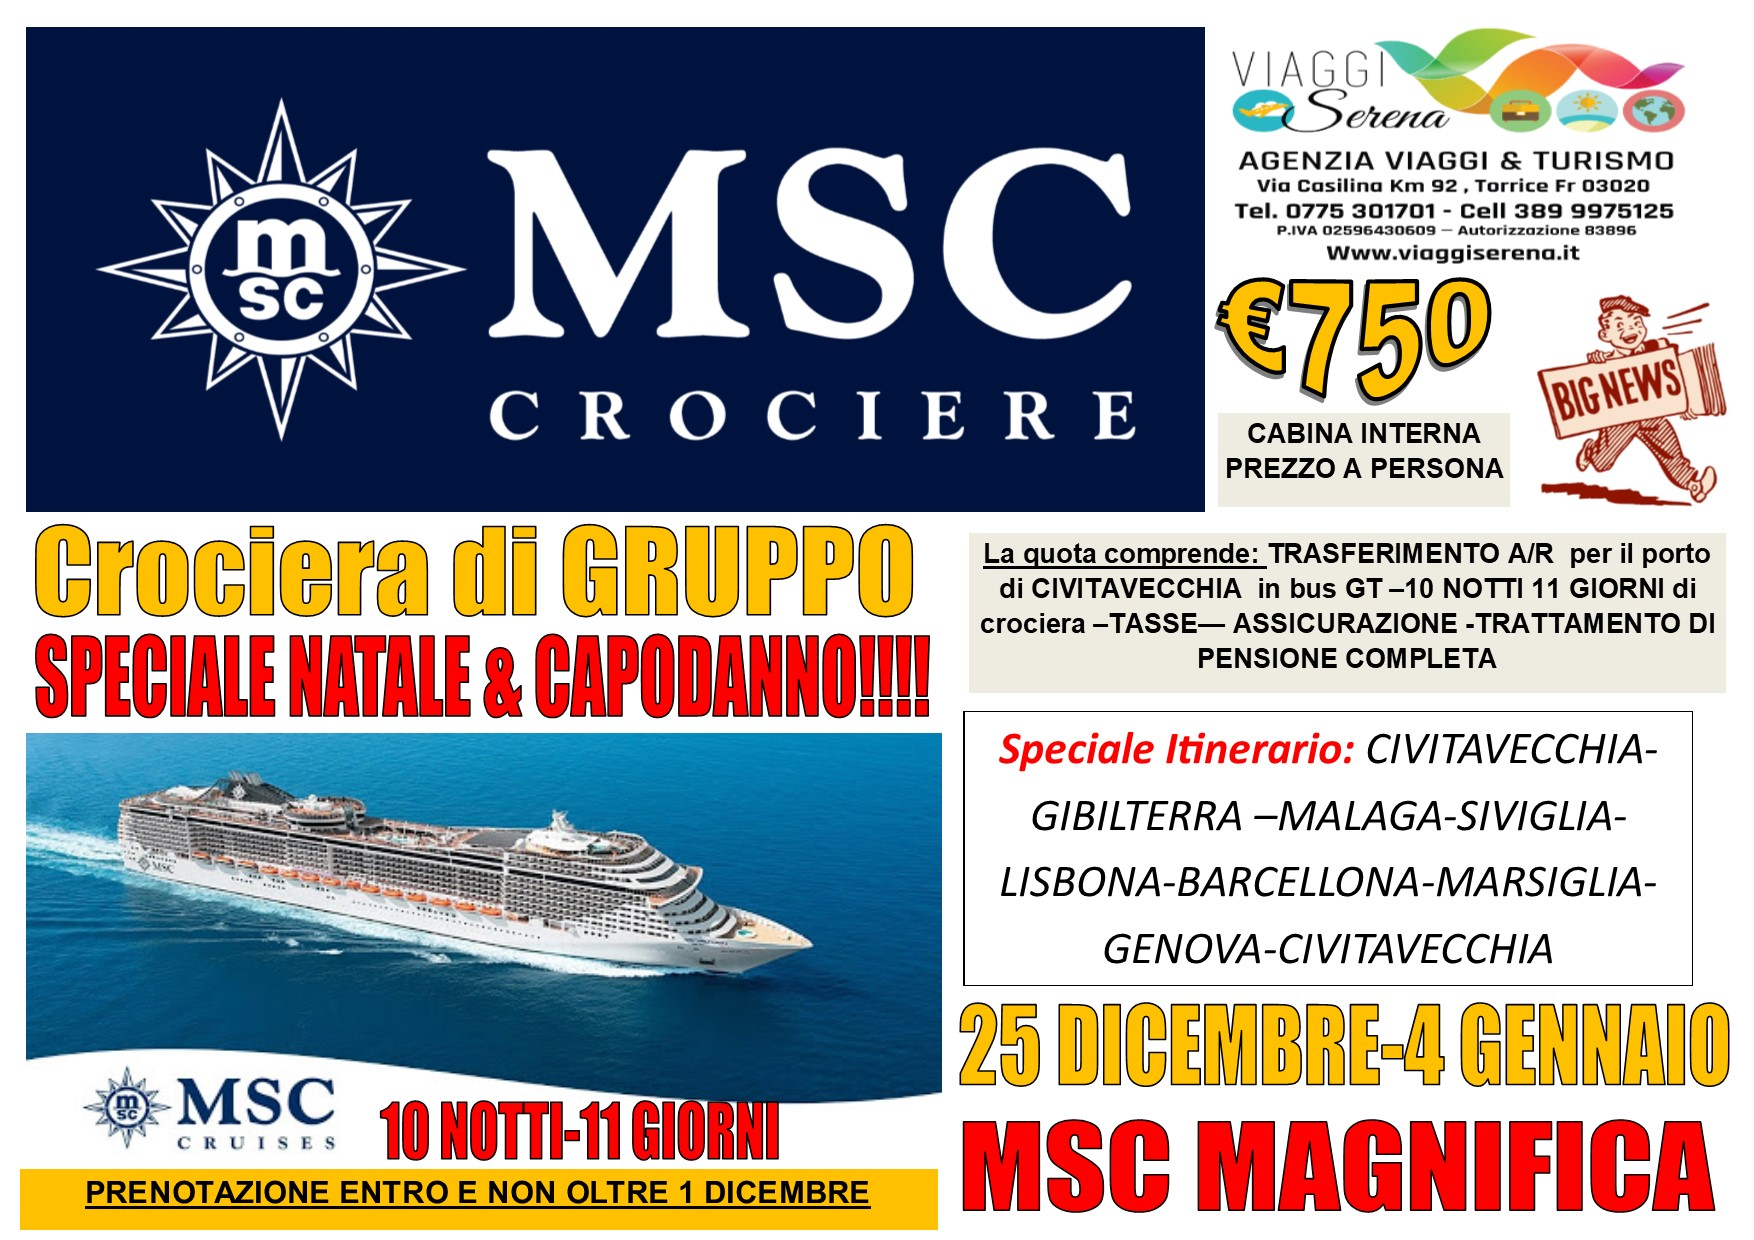 """Viaggi di Gruppo: crociera MSC MAGNIFICA  """"Natale & Capodanno"""" 25 Dicembre-4 Gennaio  € 750,00"""